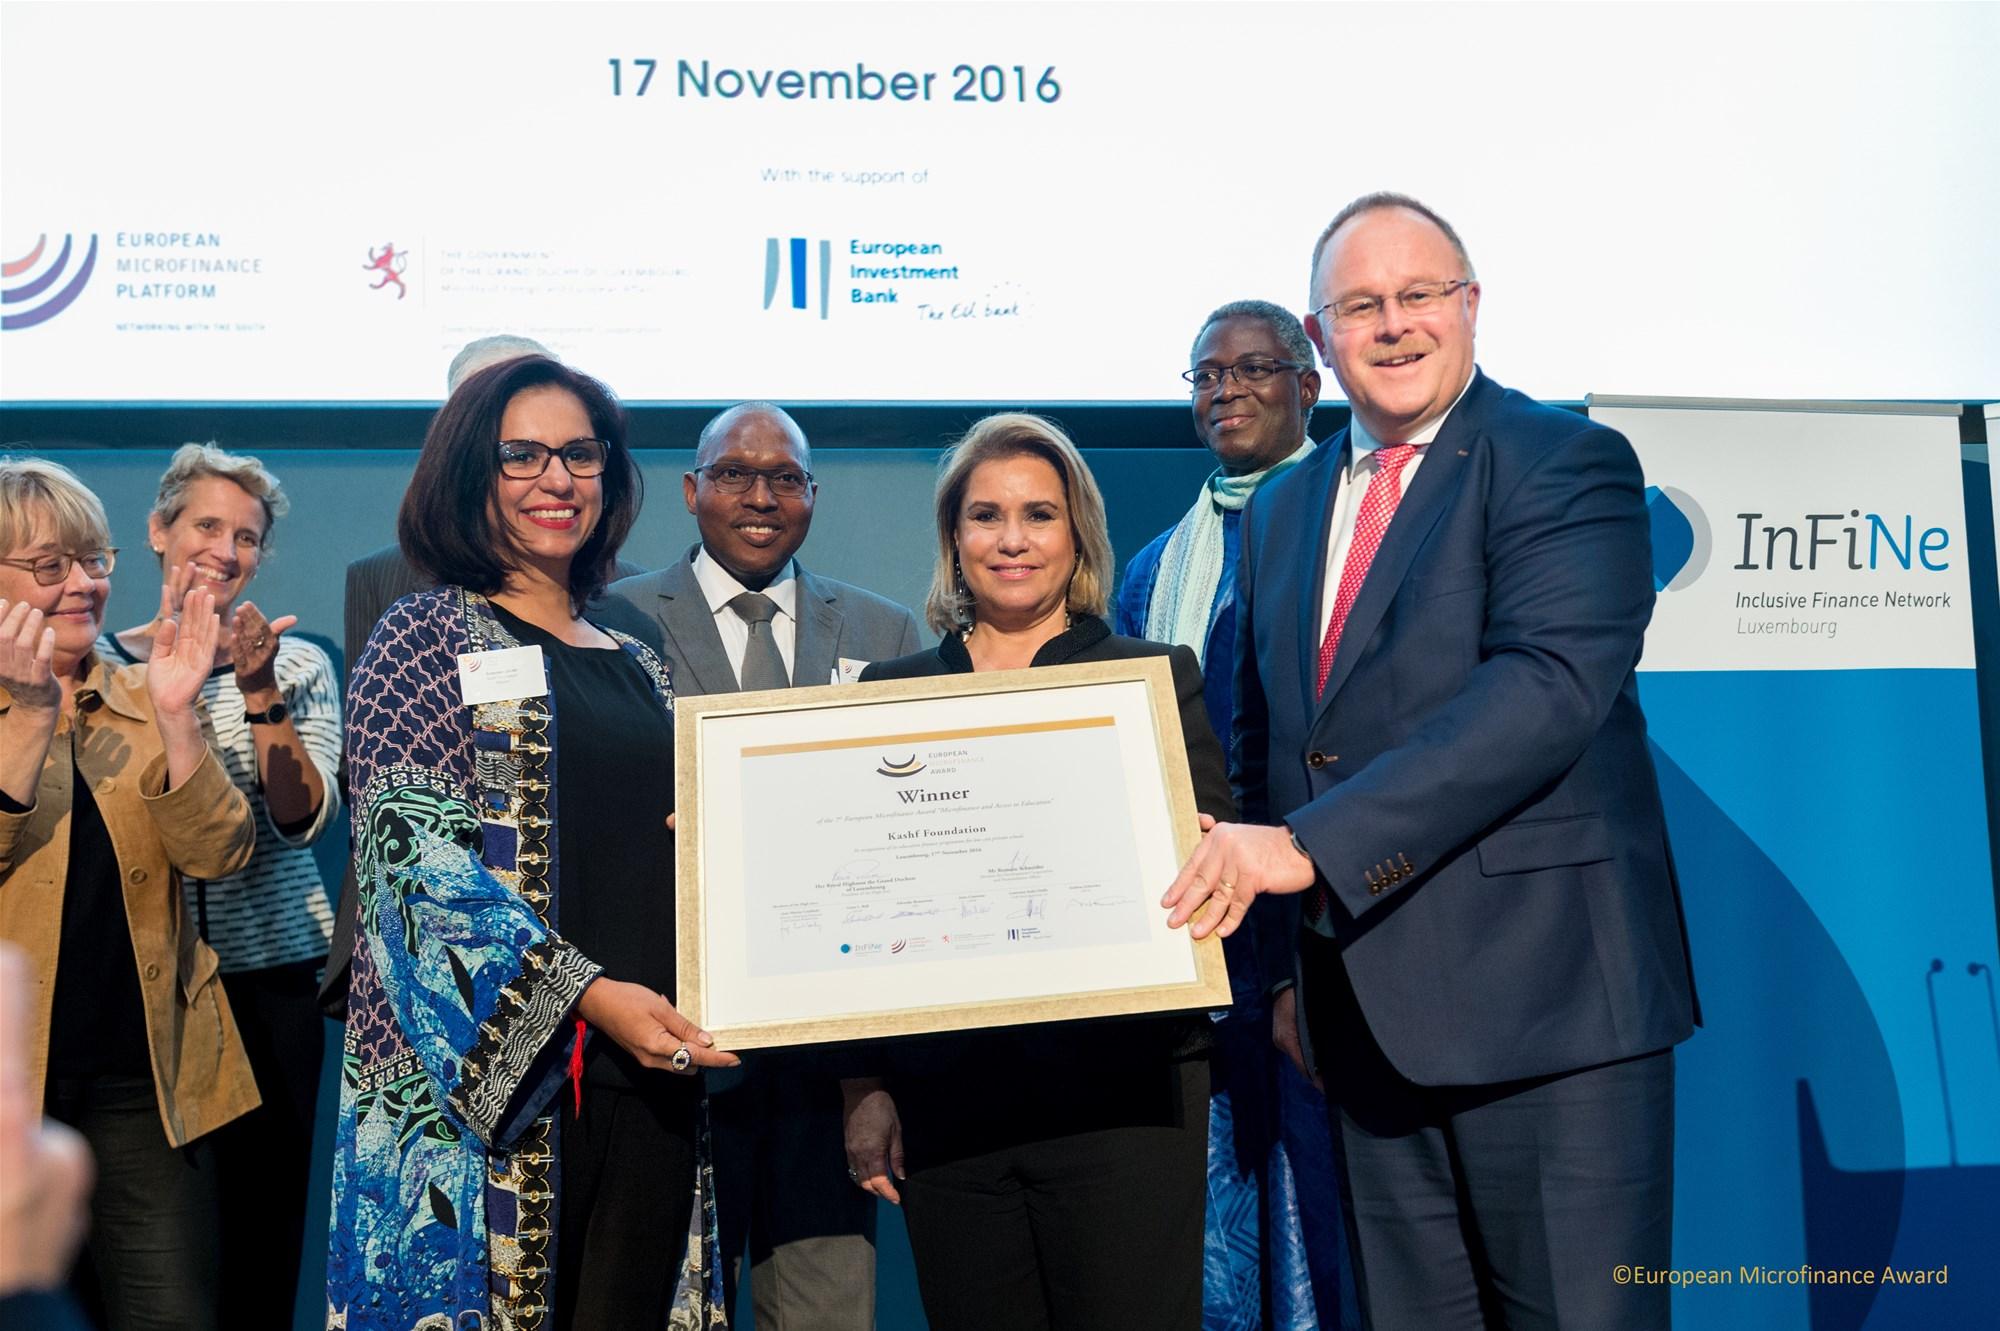 The 7th European Microfinance Award 2016